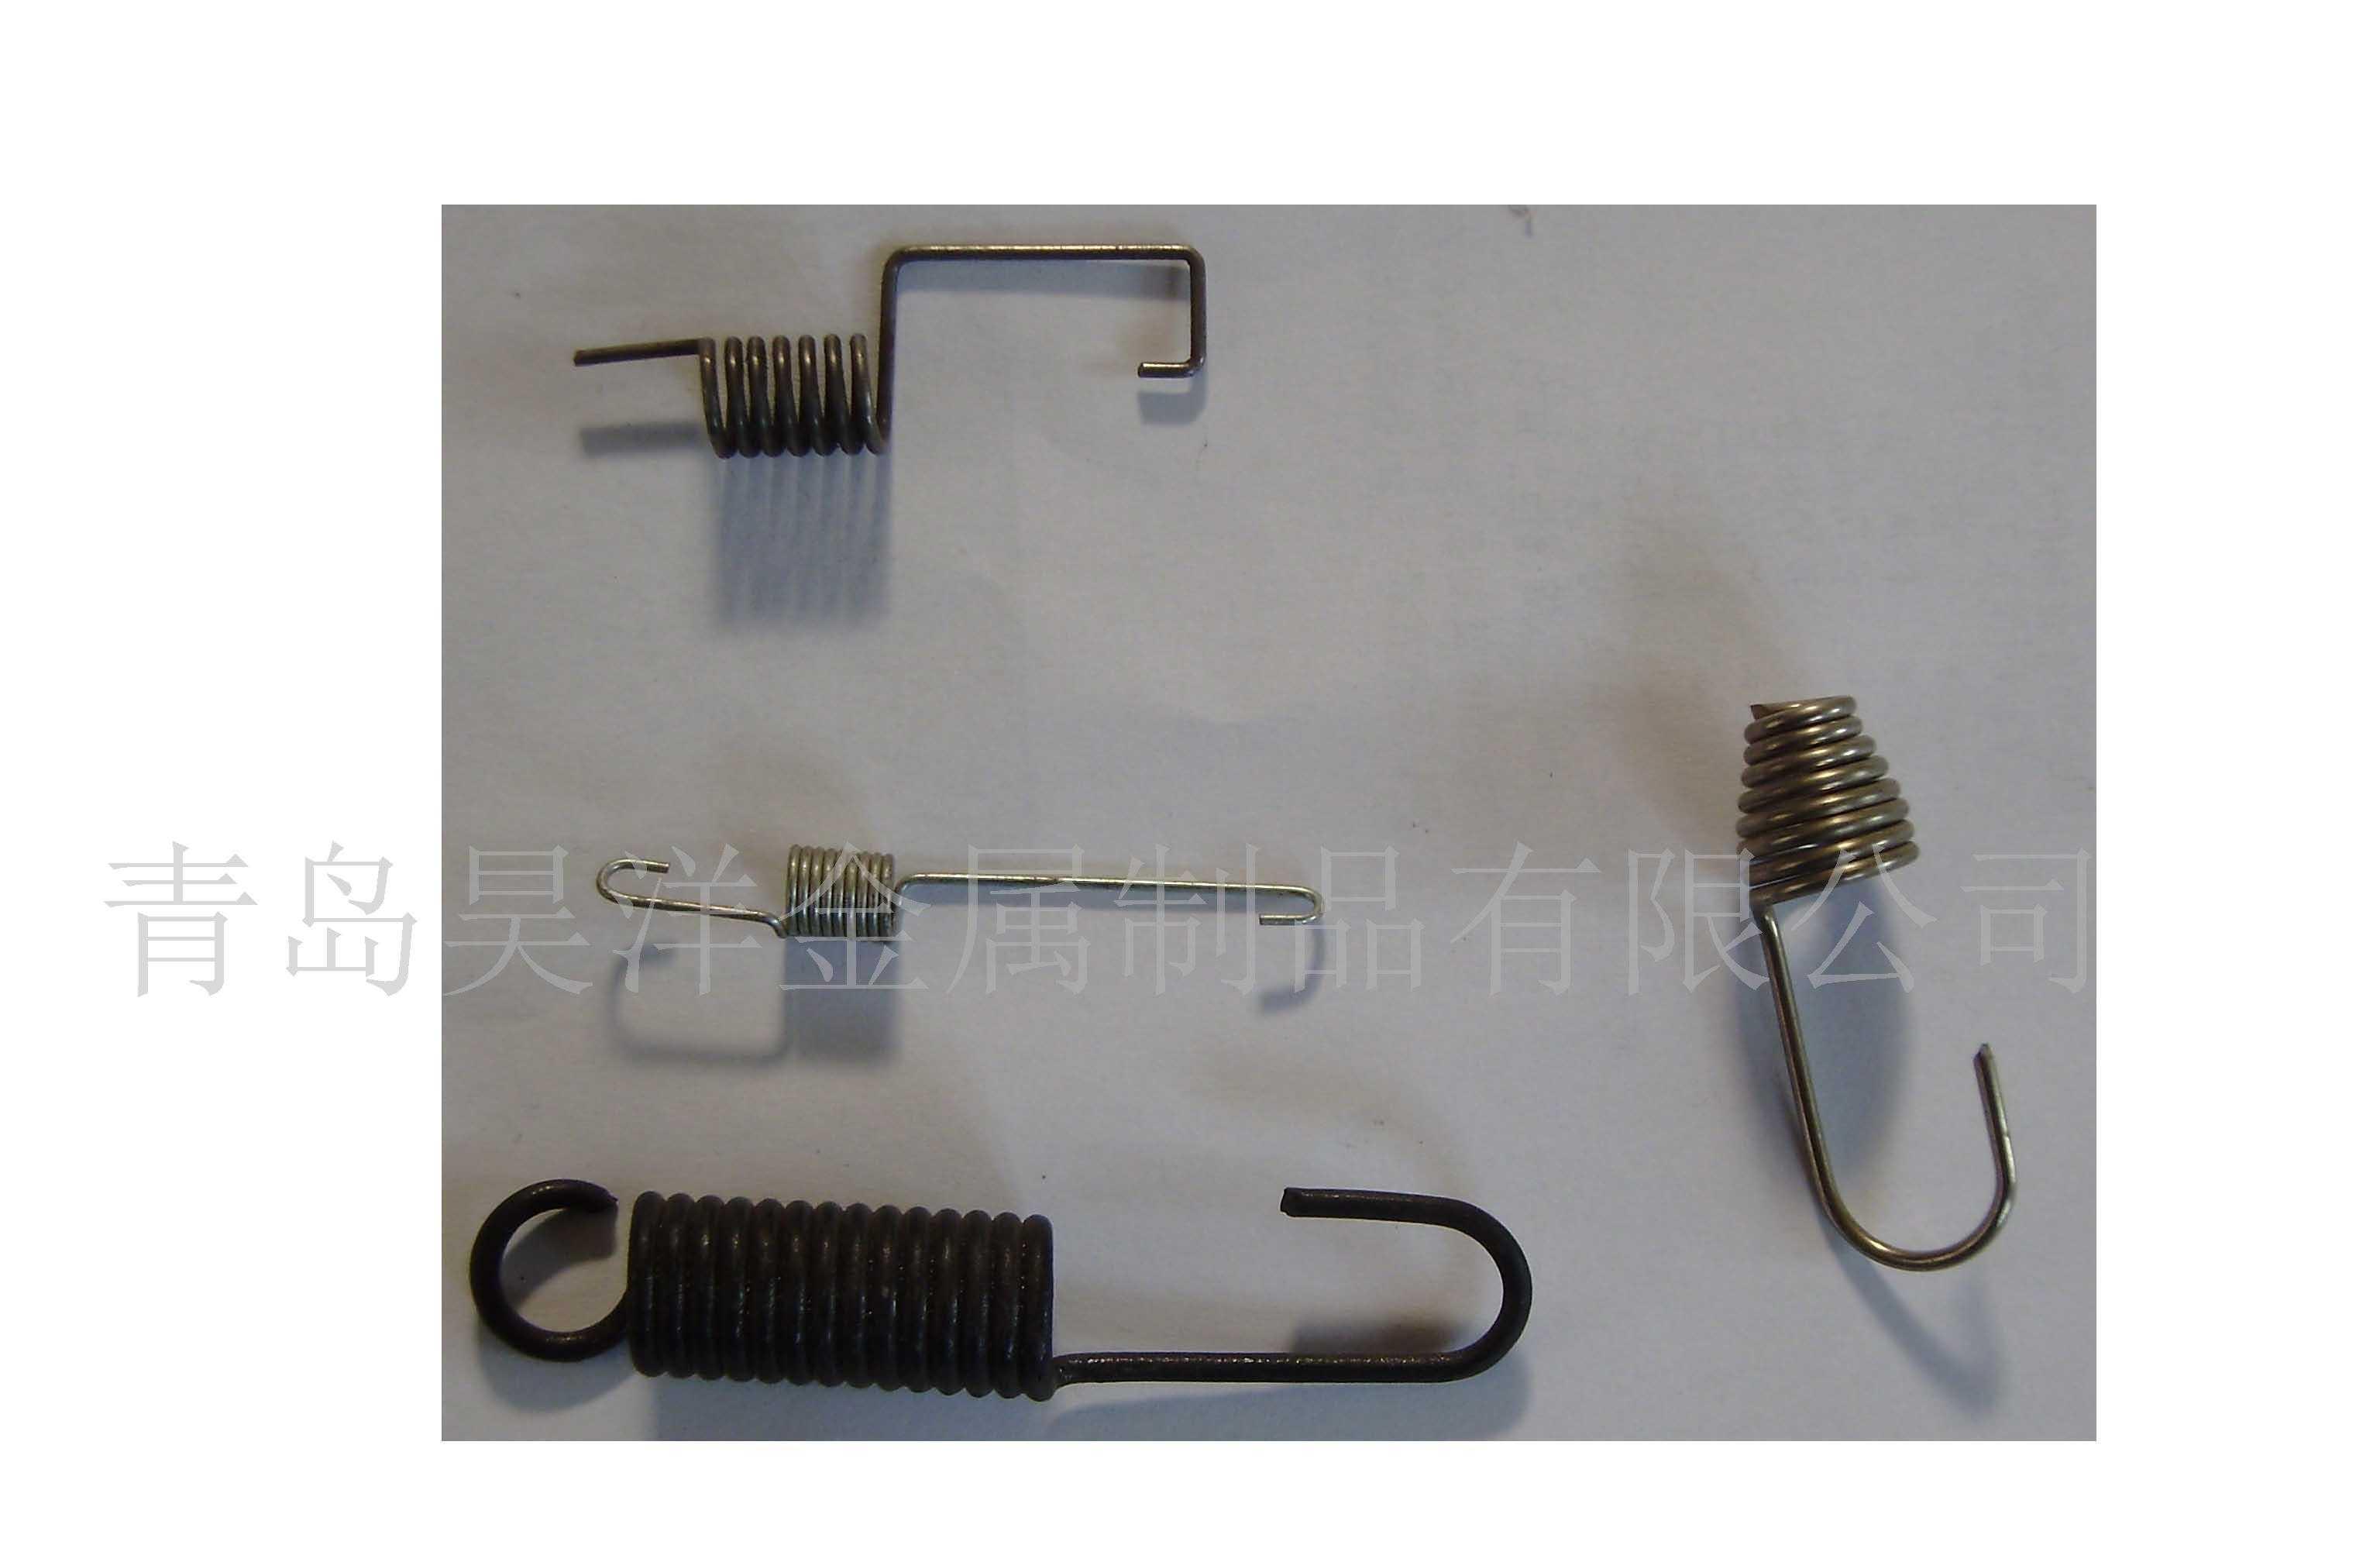 供应青岛拉力弹簧,拉力弹簧,城阳拉力弹簧。